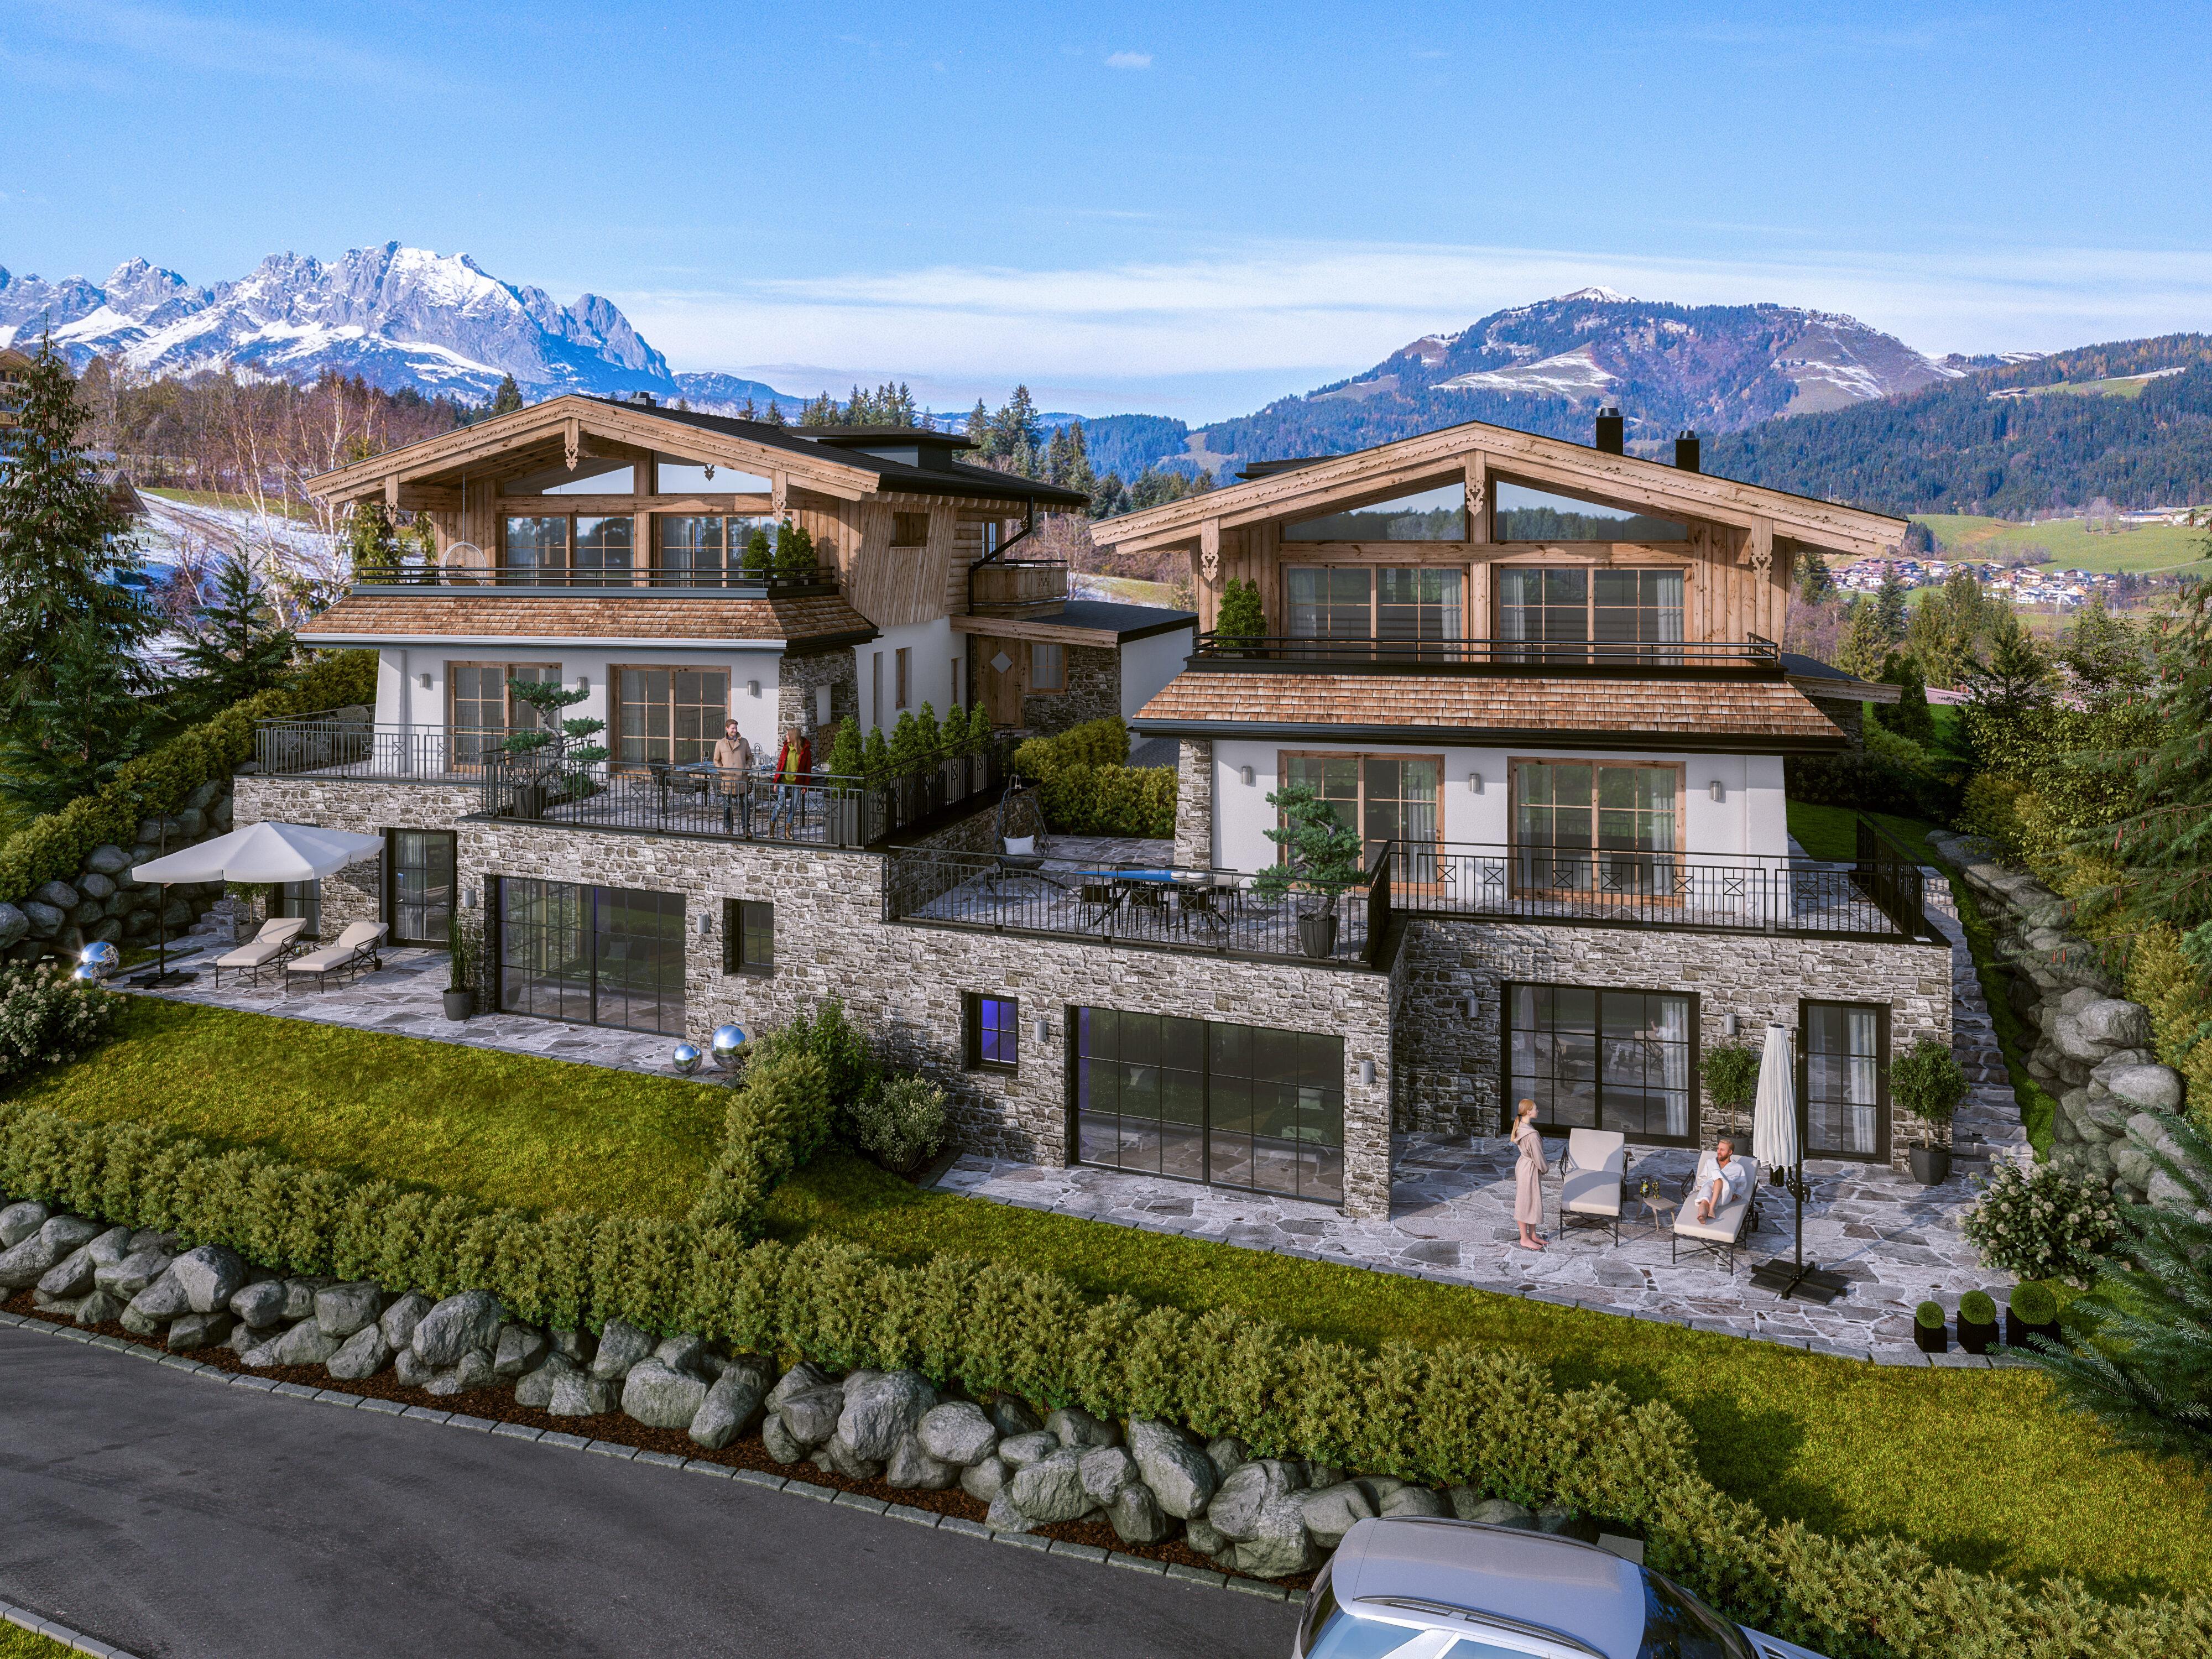 Luxuriöse Landhauschalets